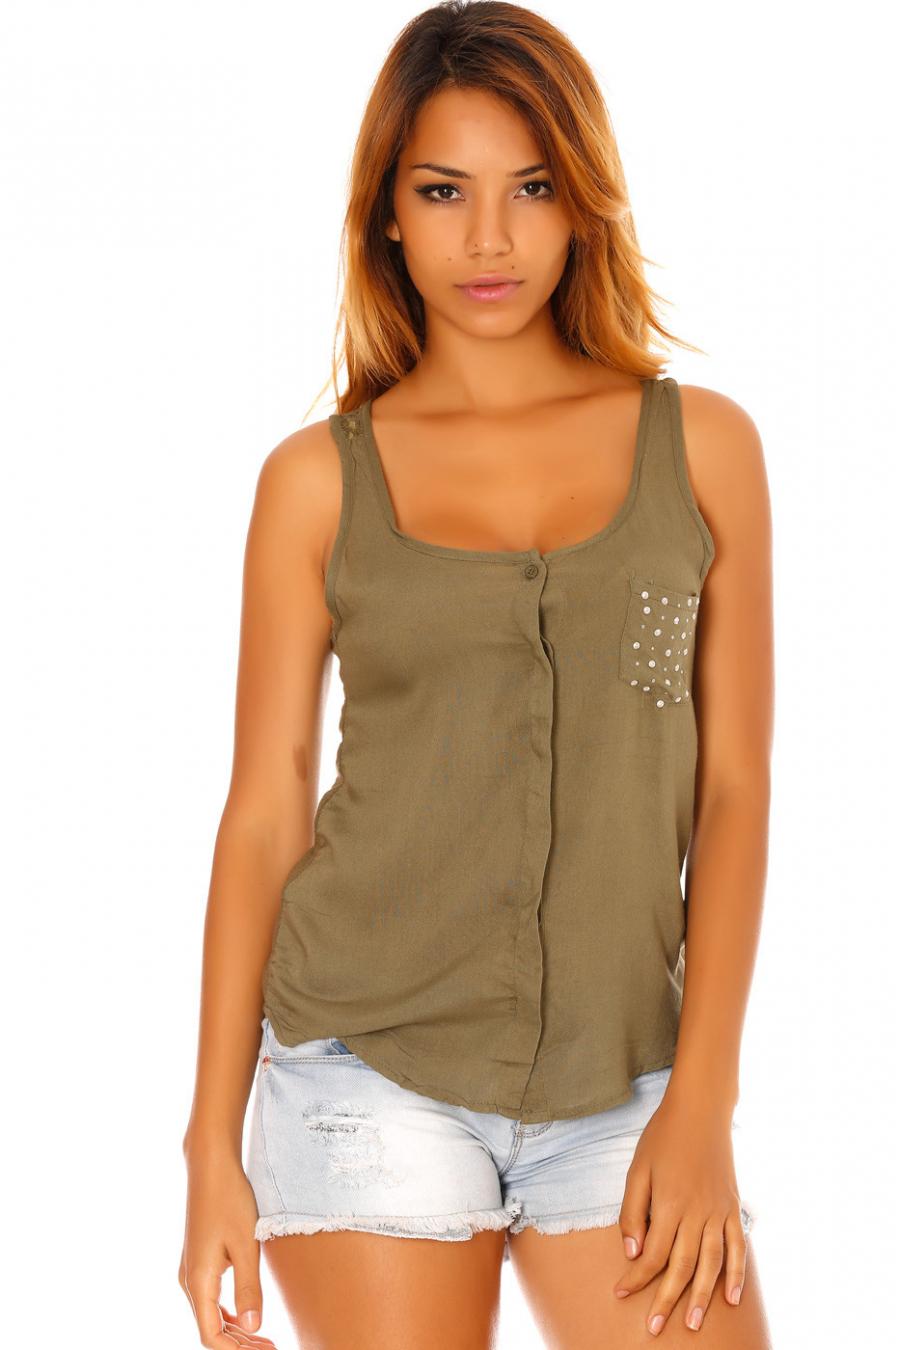 Kaki mouwloze blouse met strass-zakje en kanten achterkant. F2030